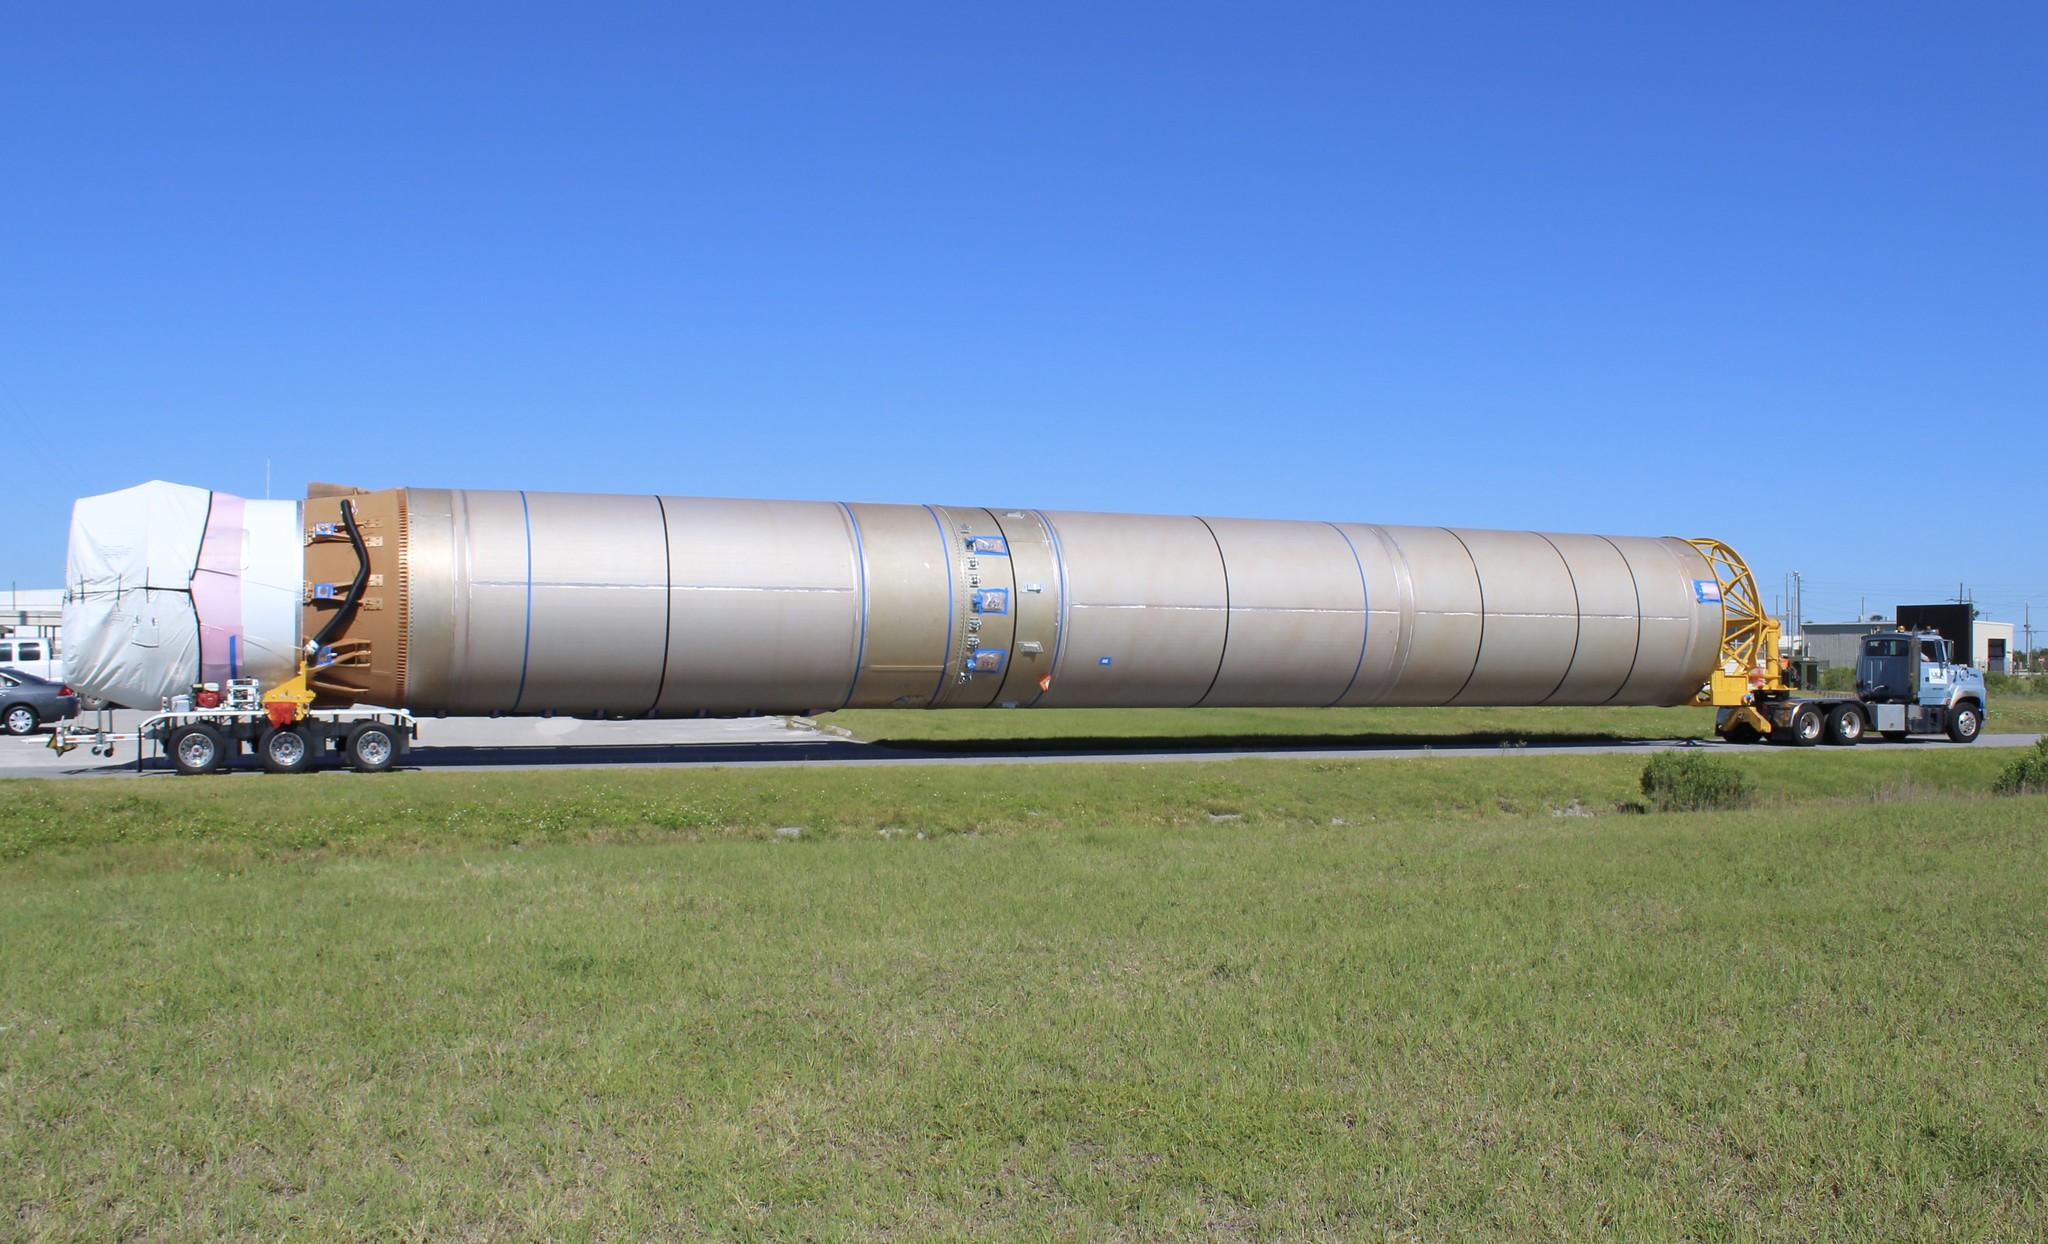 Booster Offload: Atlas V AEHF-5